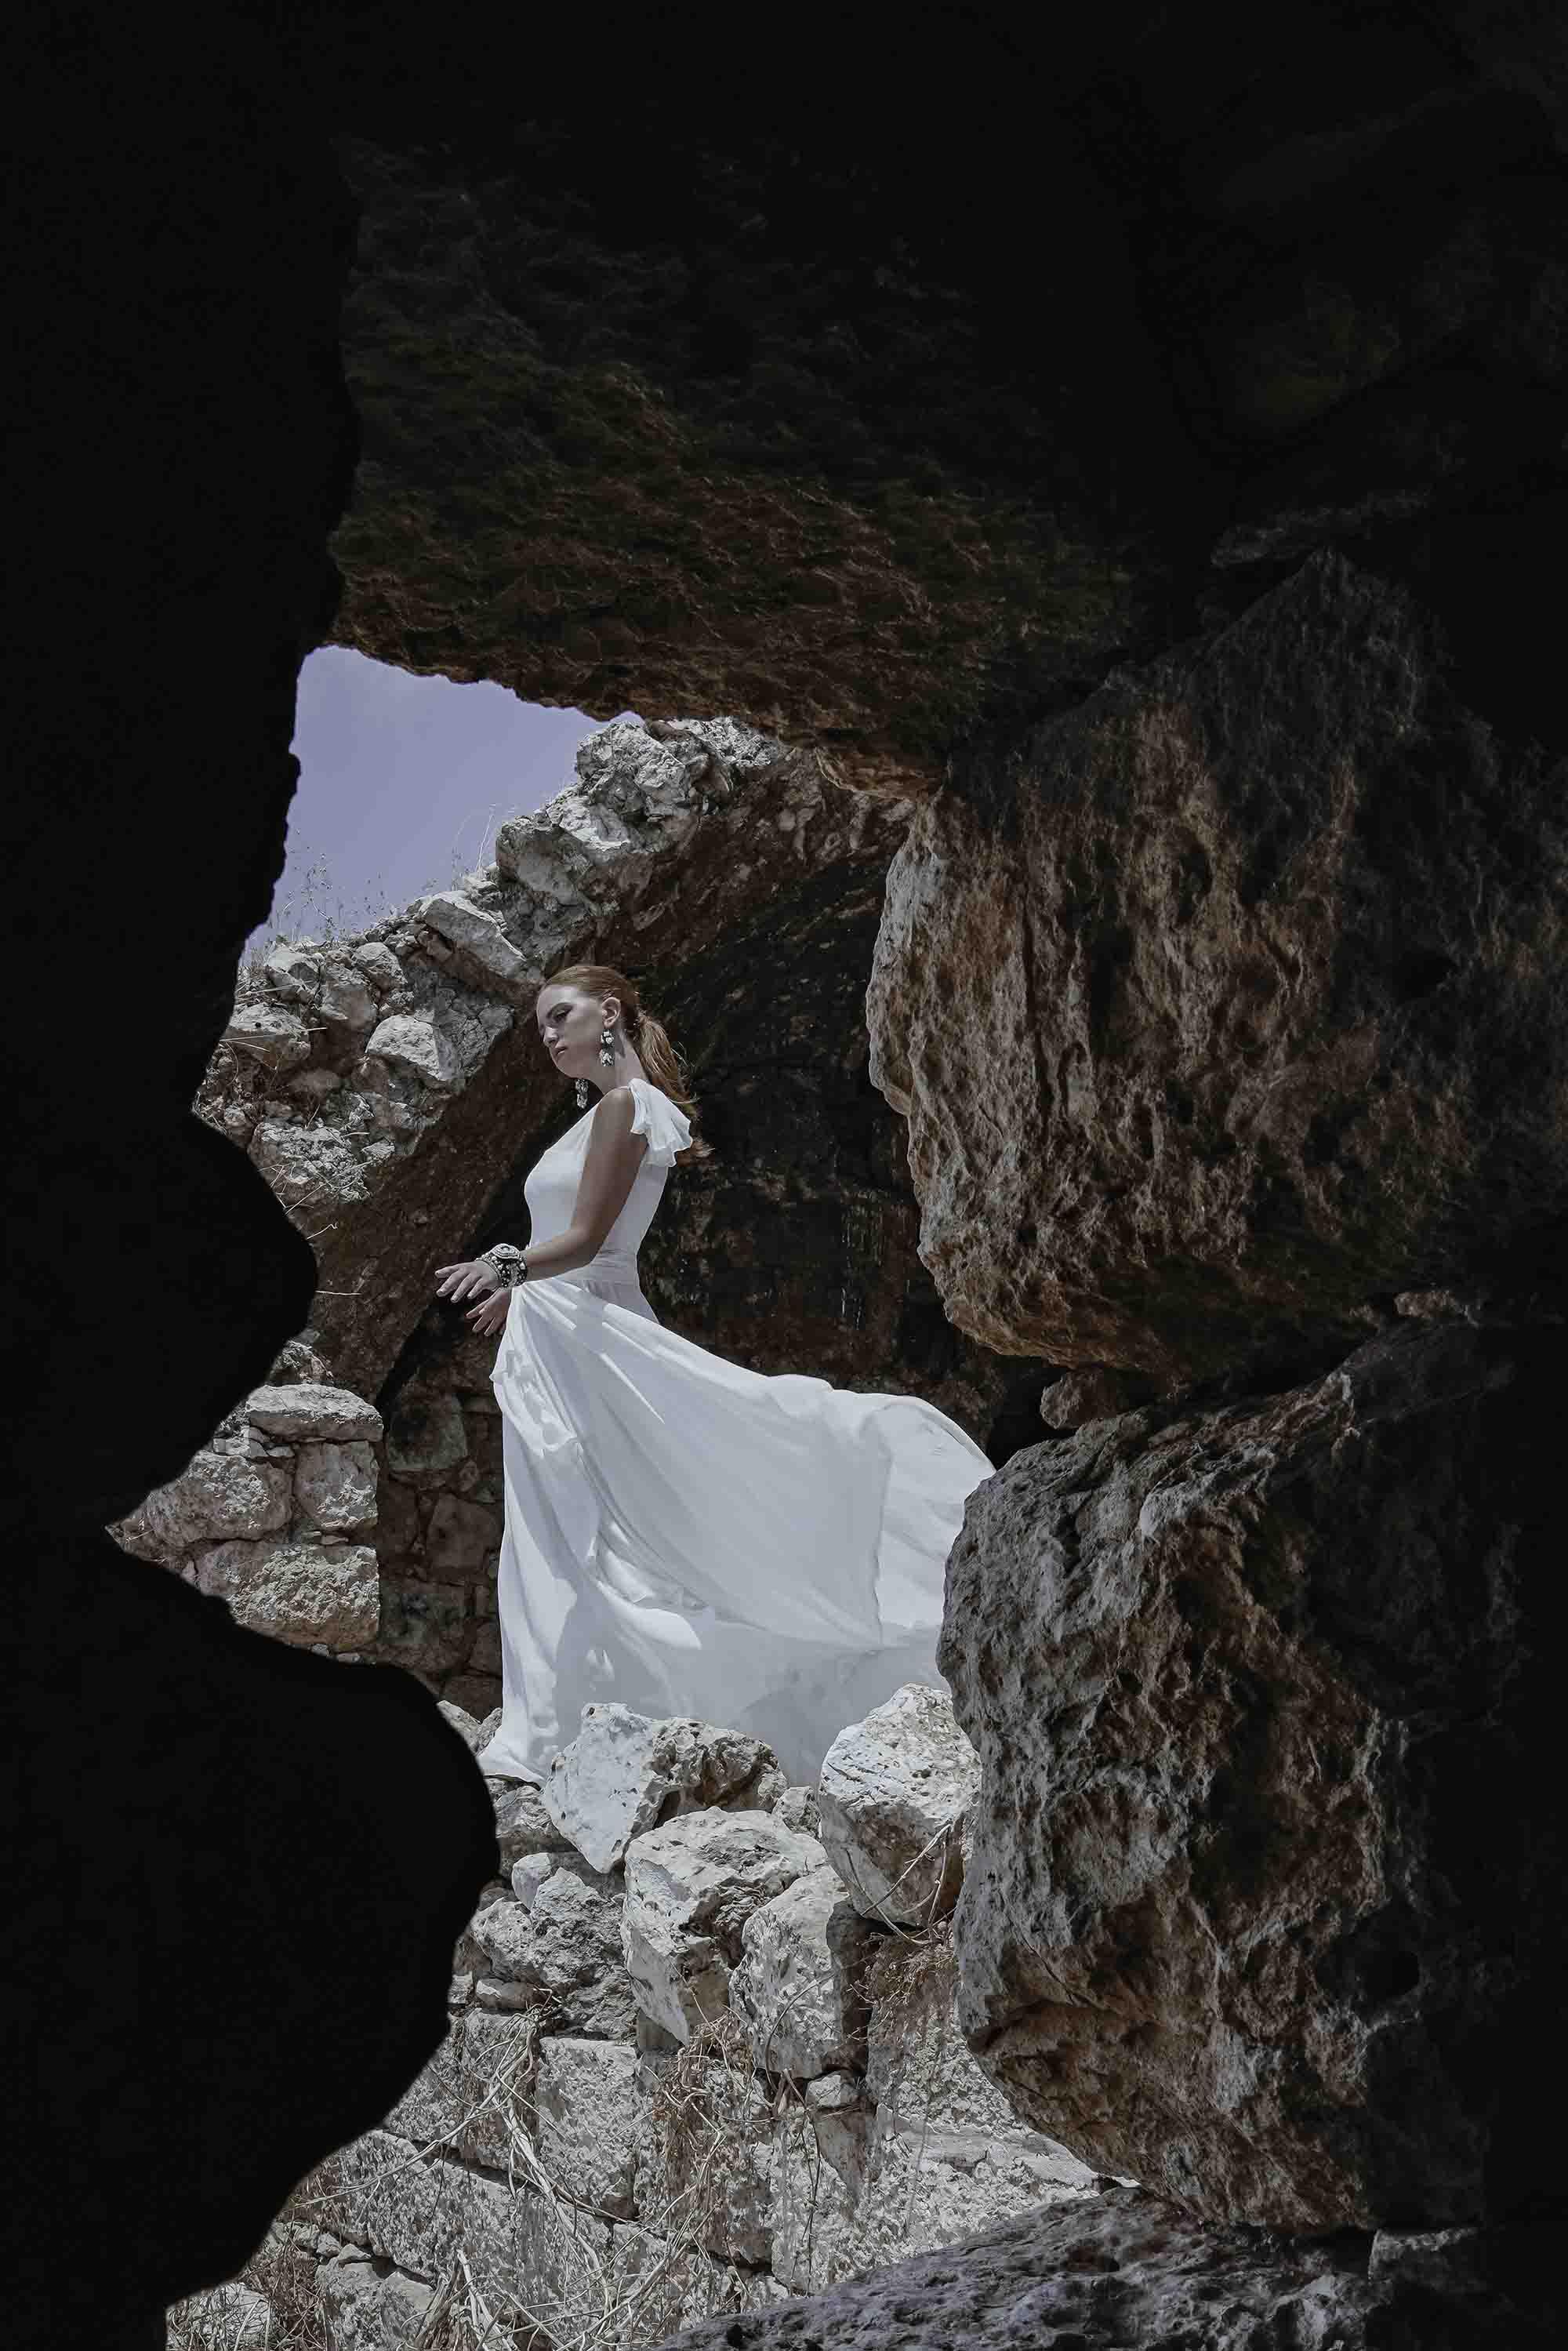 אופנה, איפור, אורנה רימוק, צילום, בן לאון, דוגמנית, אמילי זלצר, מגזין אופנה -19